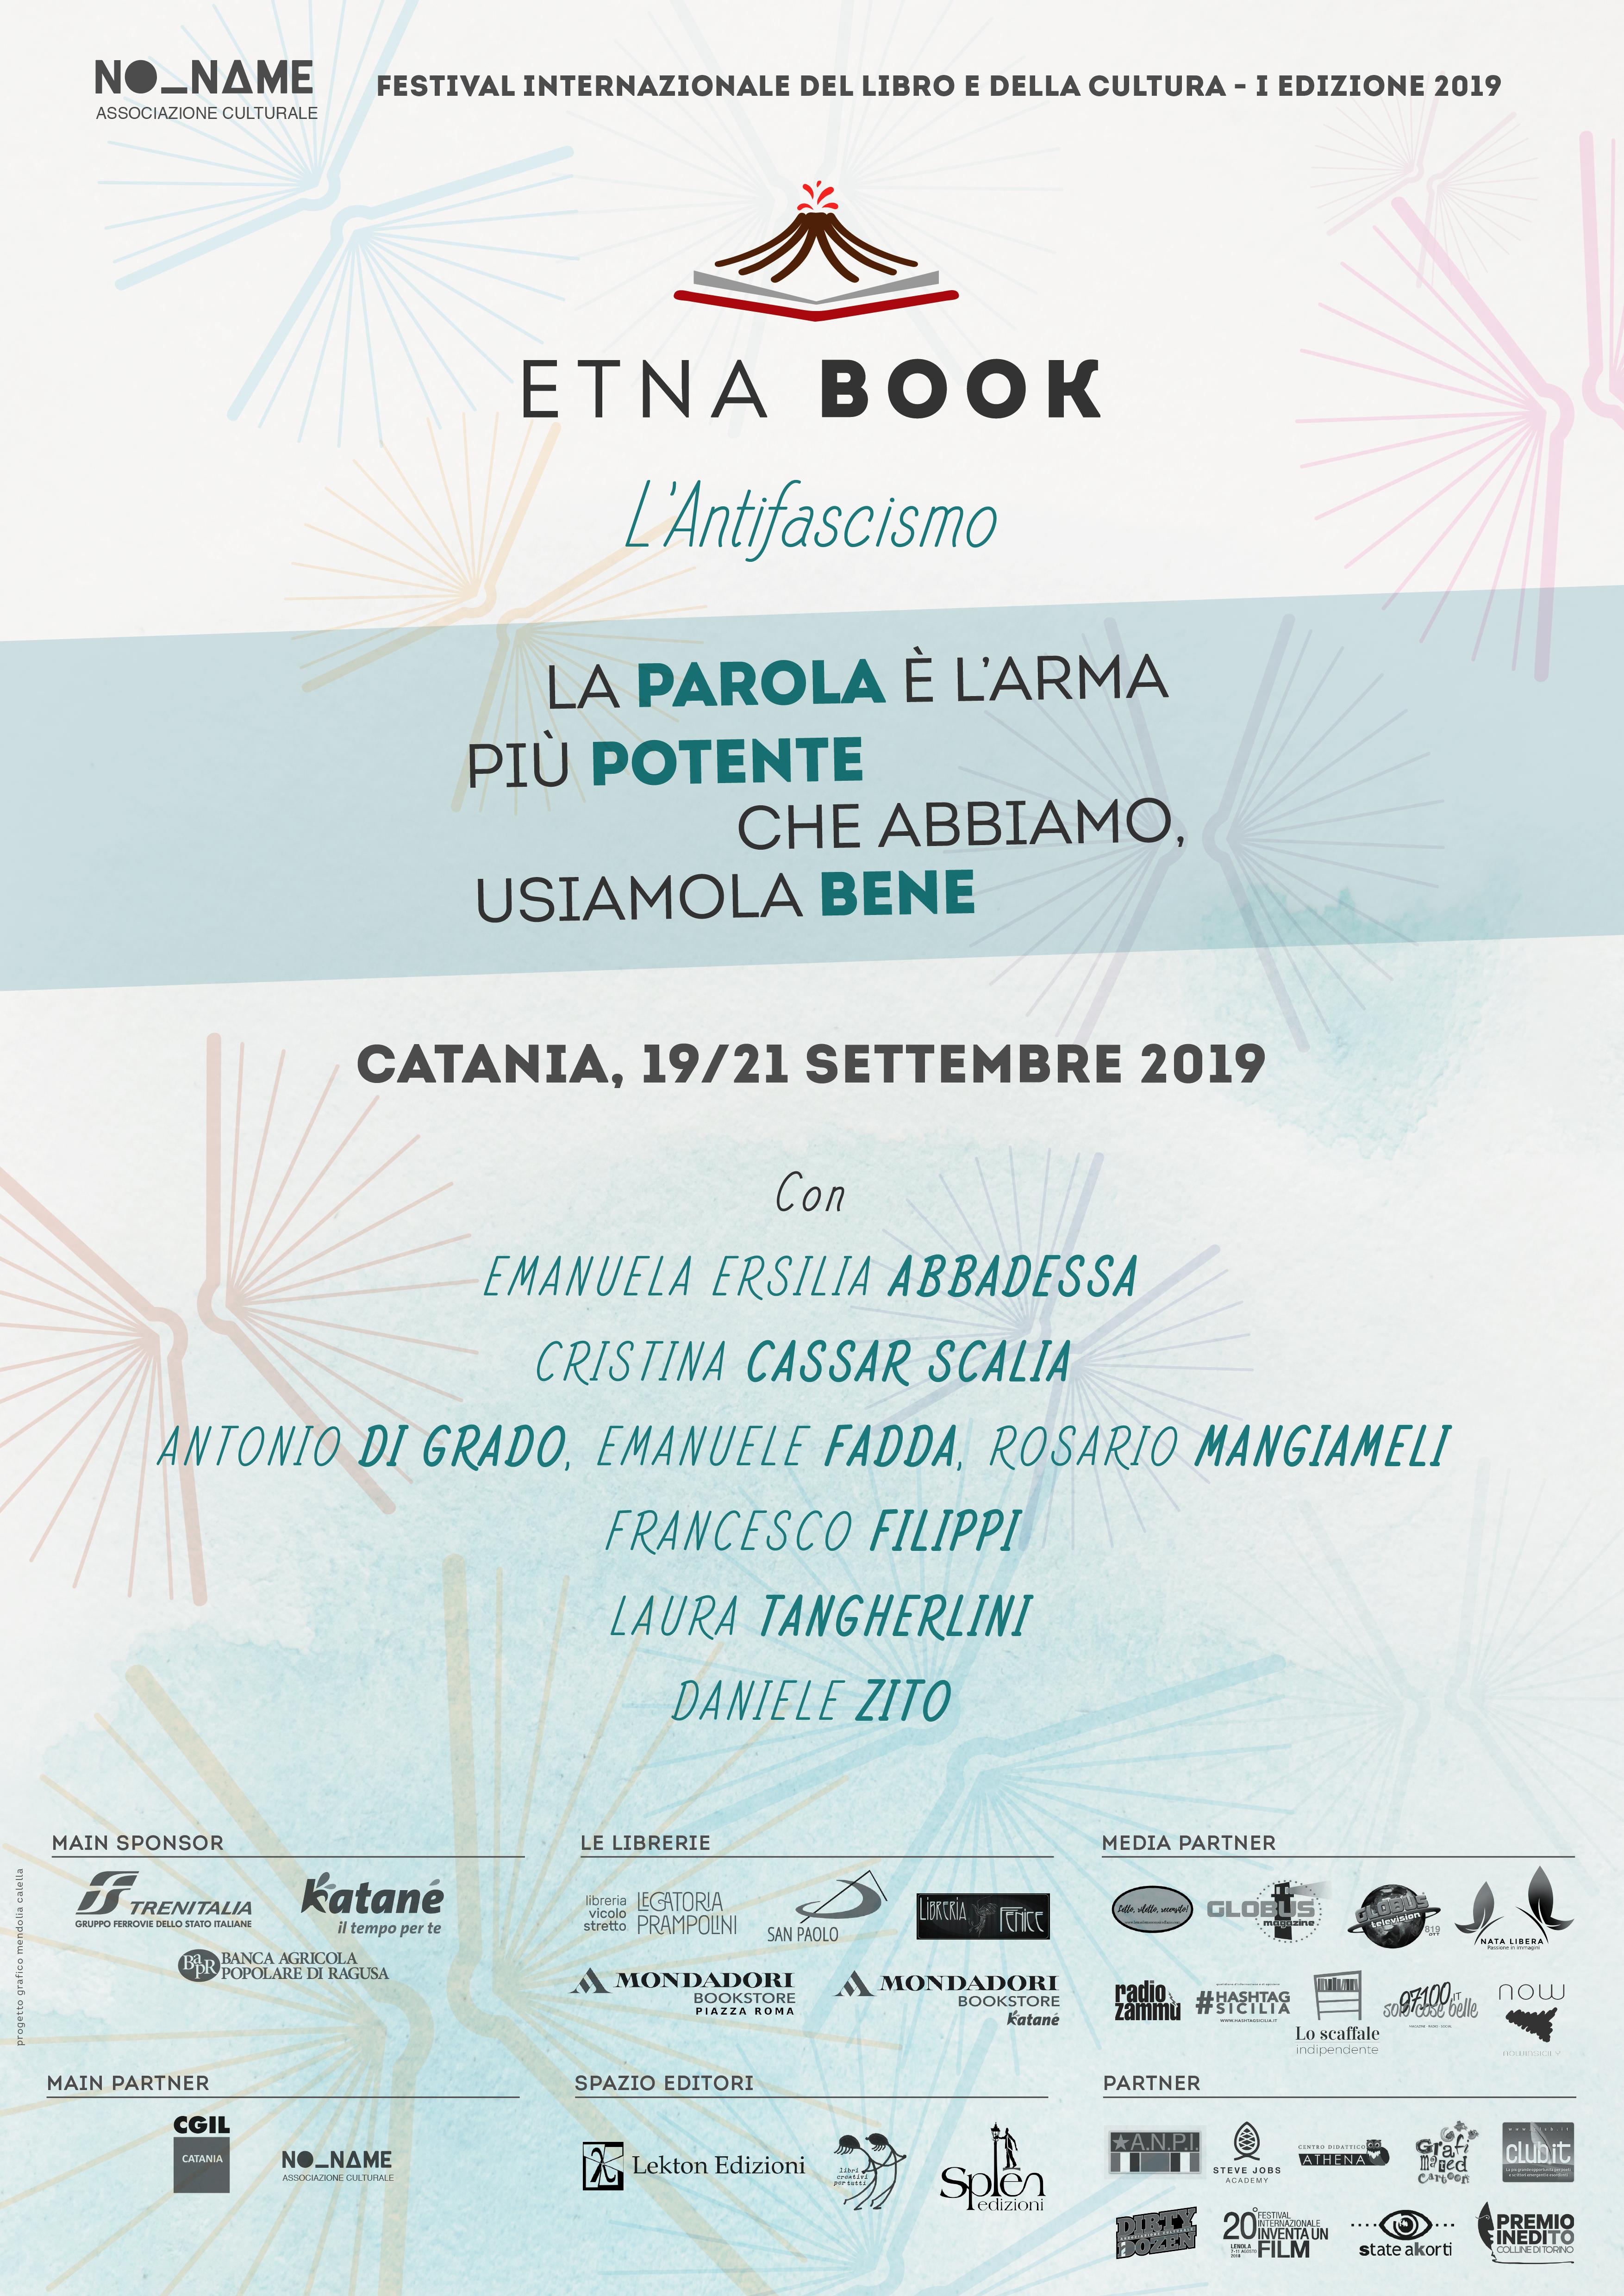 Presentata la I° edizione di Etnabook